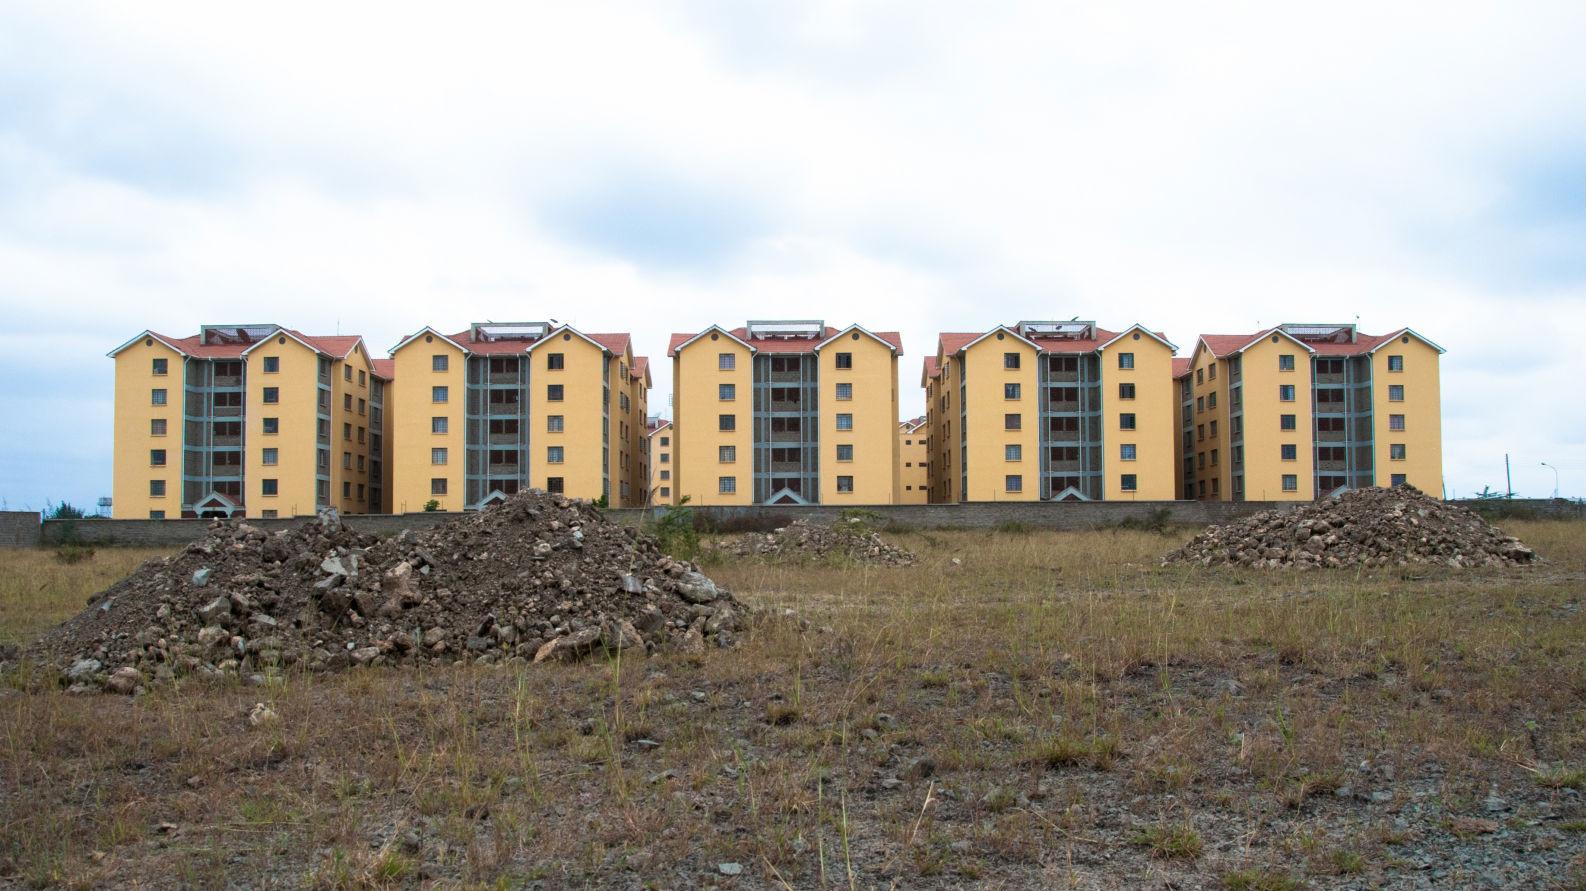 El urbanismo chino está transformando las ciudades africanas, Los Apartamentos Gran Muralla, un proyecto residencial en Nairobi, Kenia. Imagen cortesía de Go West Project.